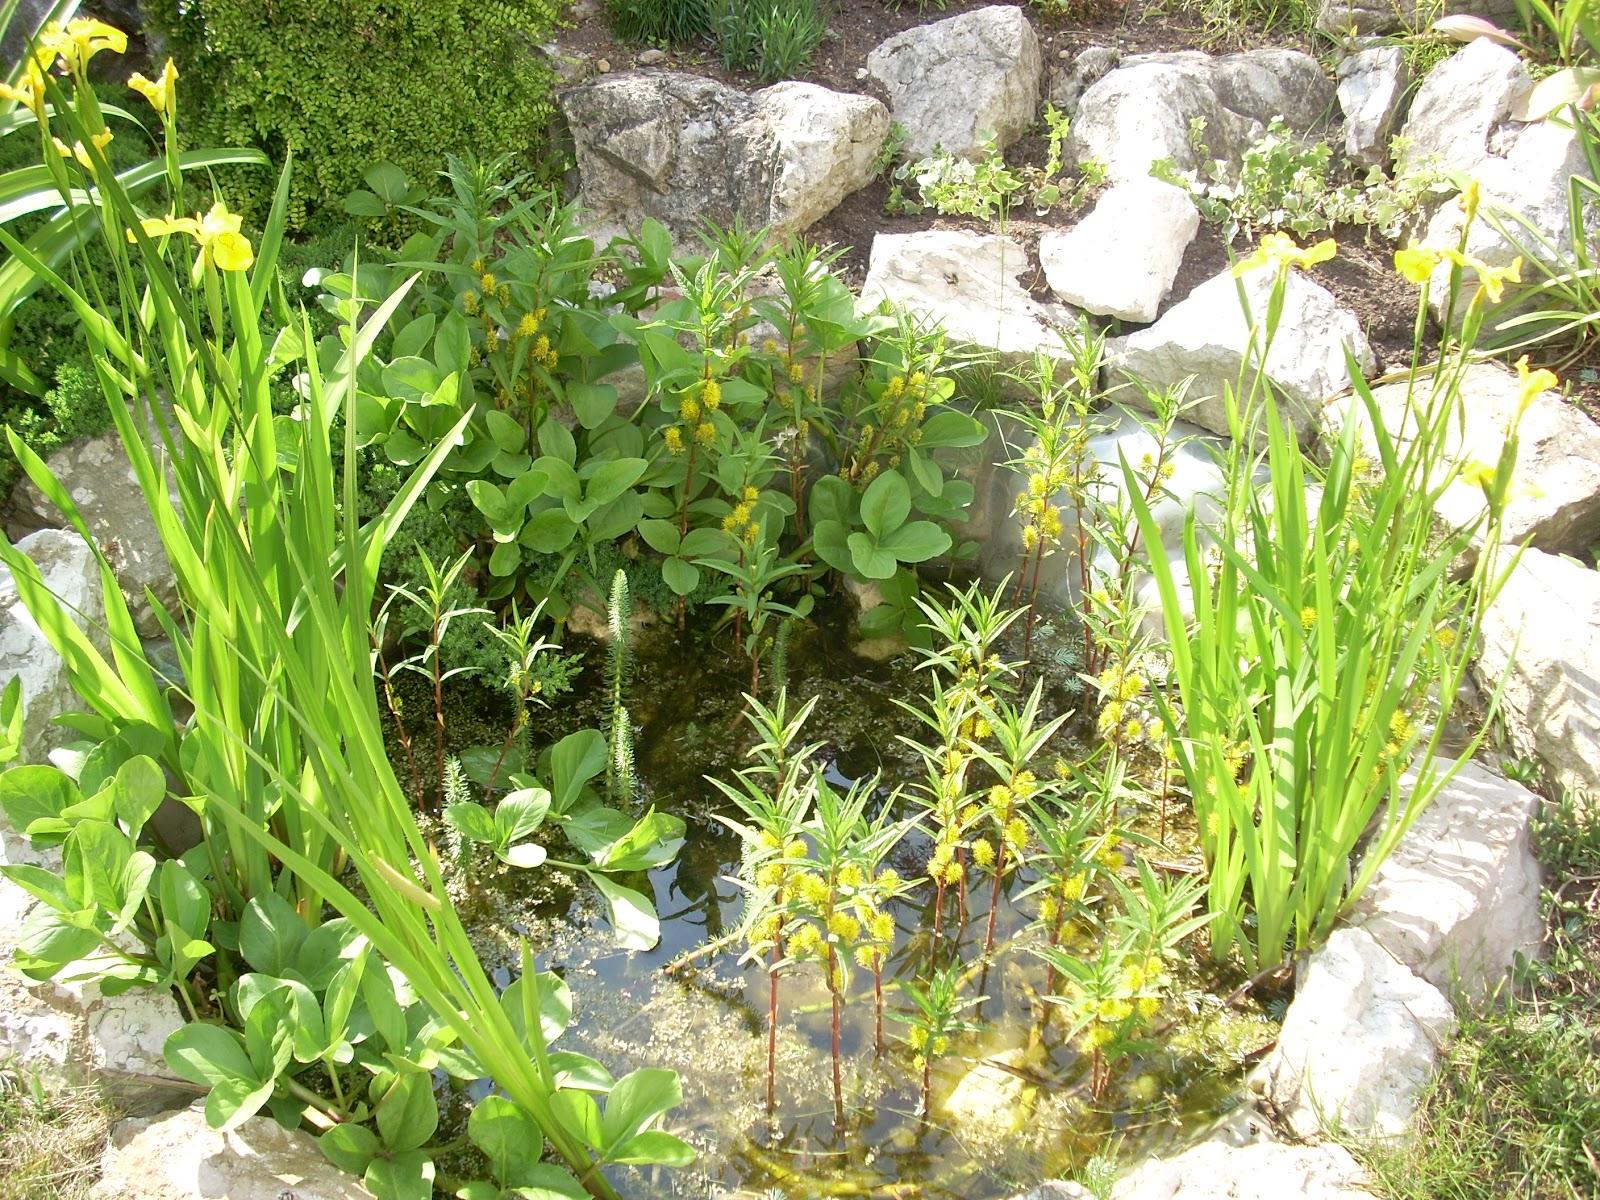 Coltivando fra fornelli e monelli verde che passione for Laghetto giardino zanzare